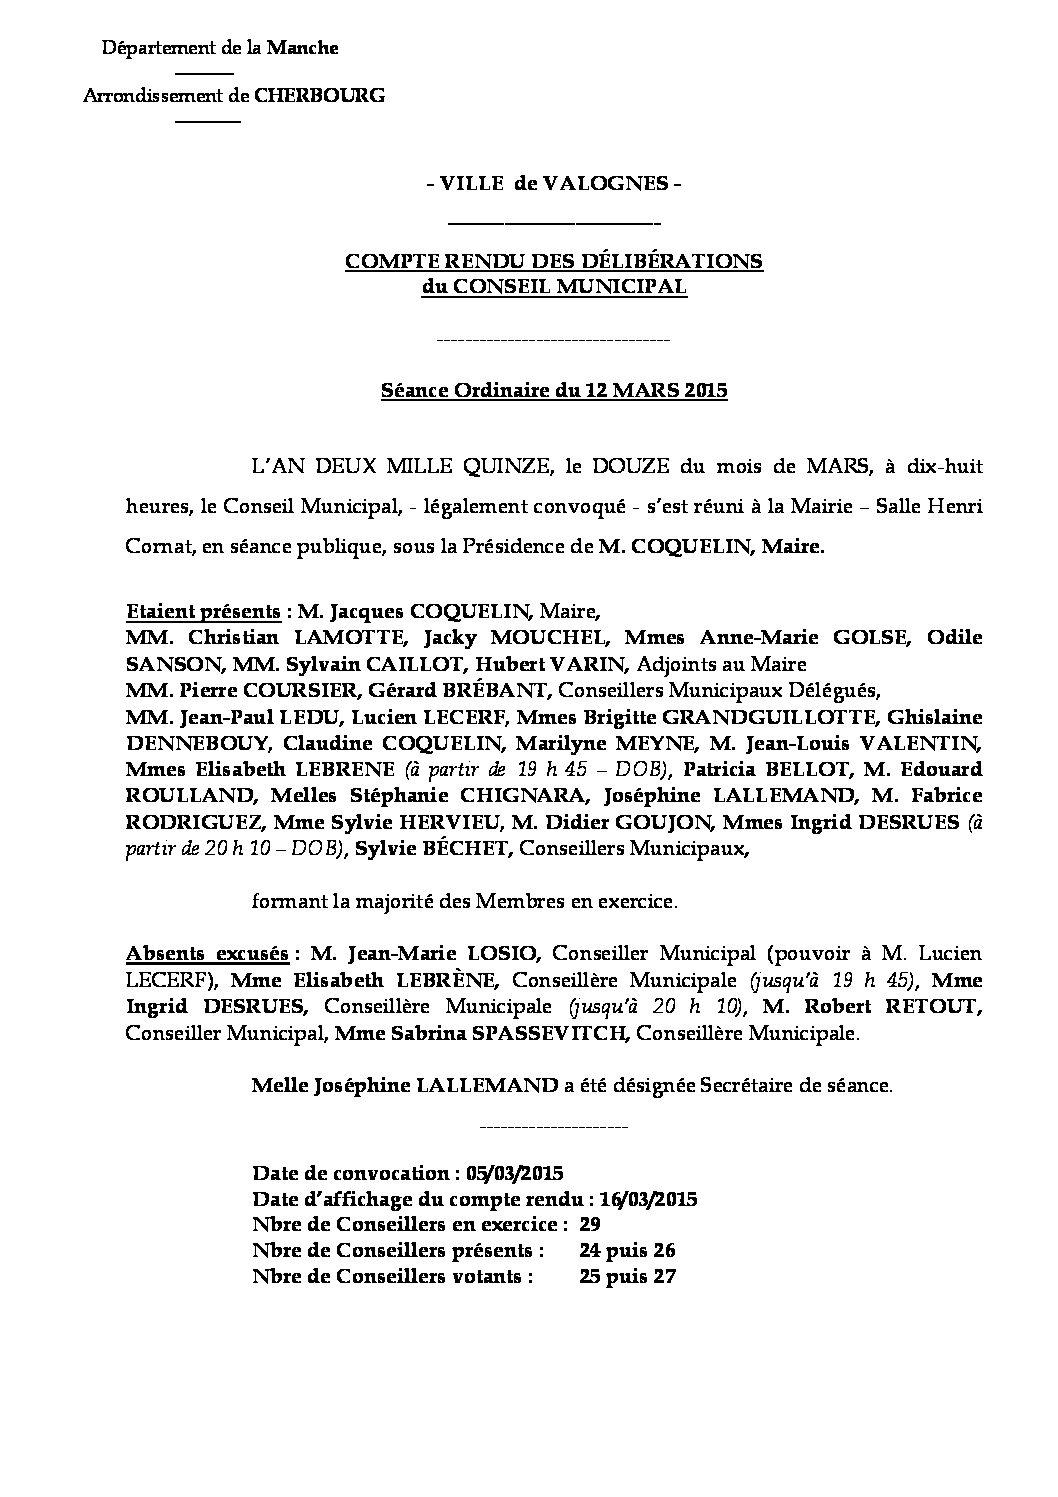 Extrait du registre des délibérations du 12-03-2015 - Compte rendu des délibérations du Conseil Municipal du 12 mars 2015.